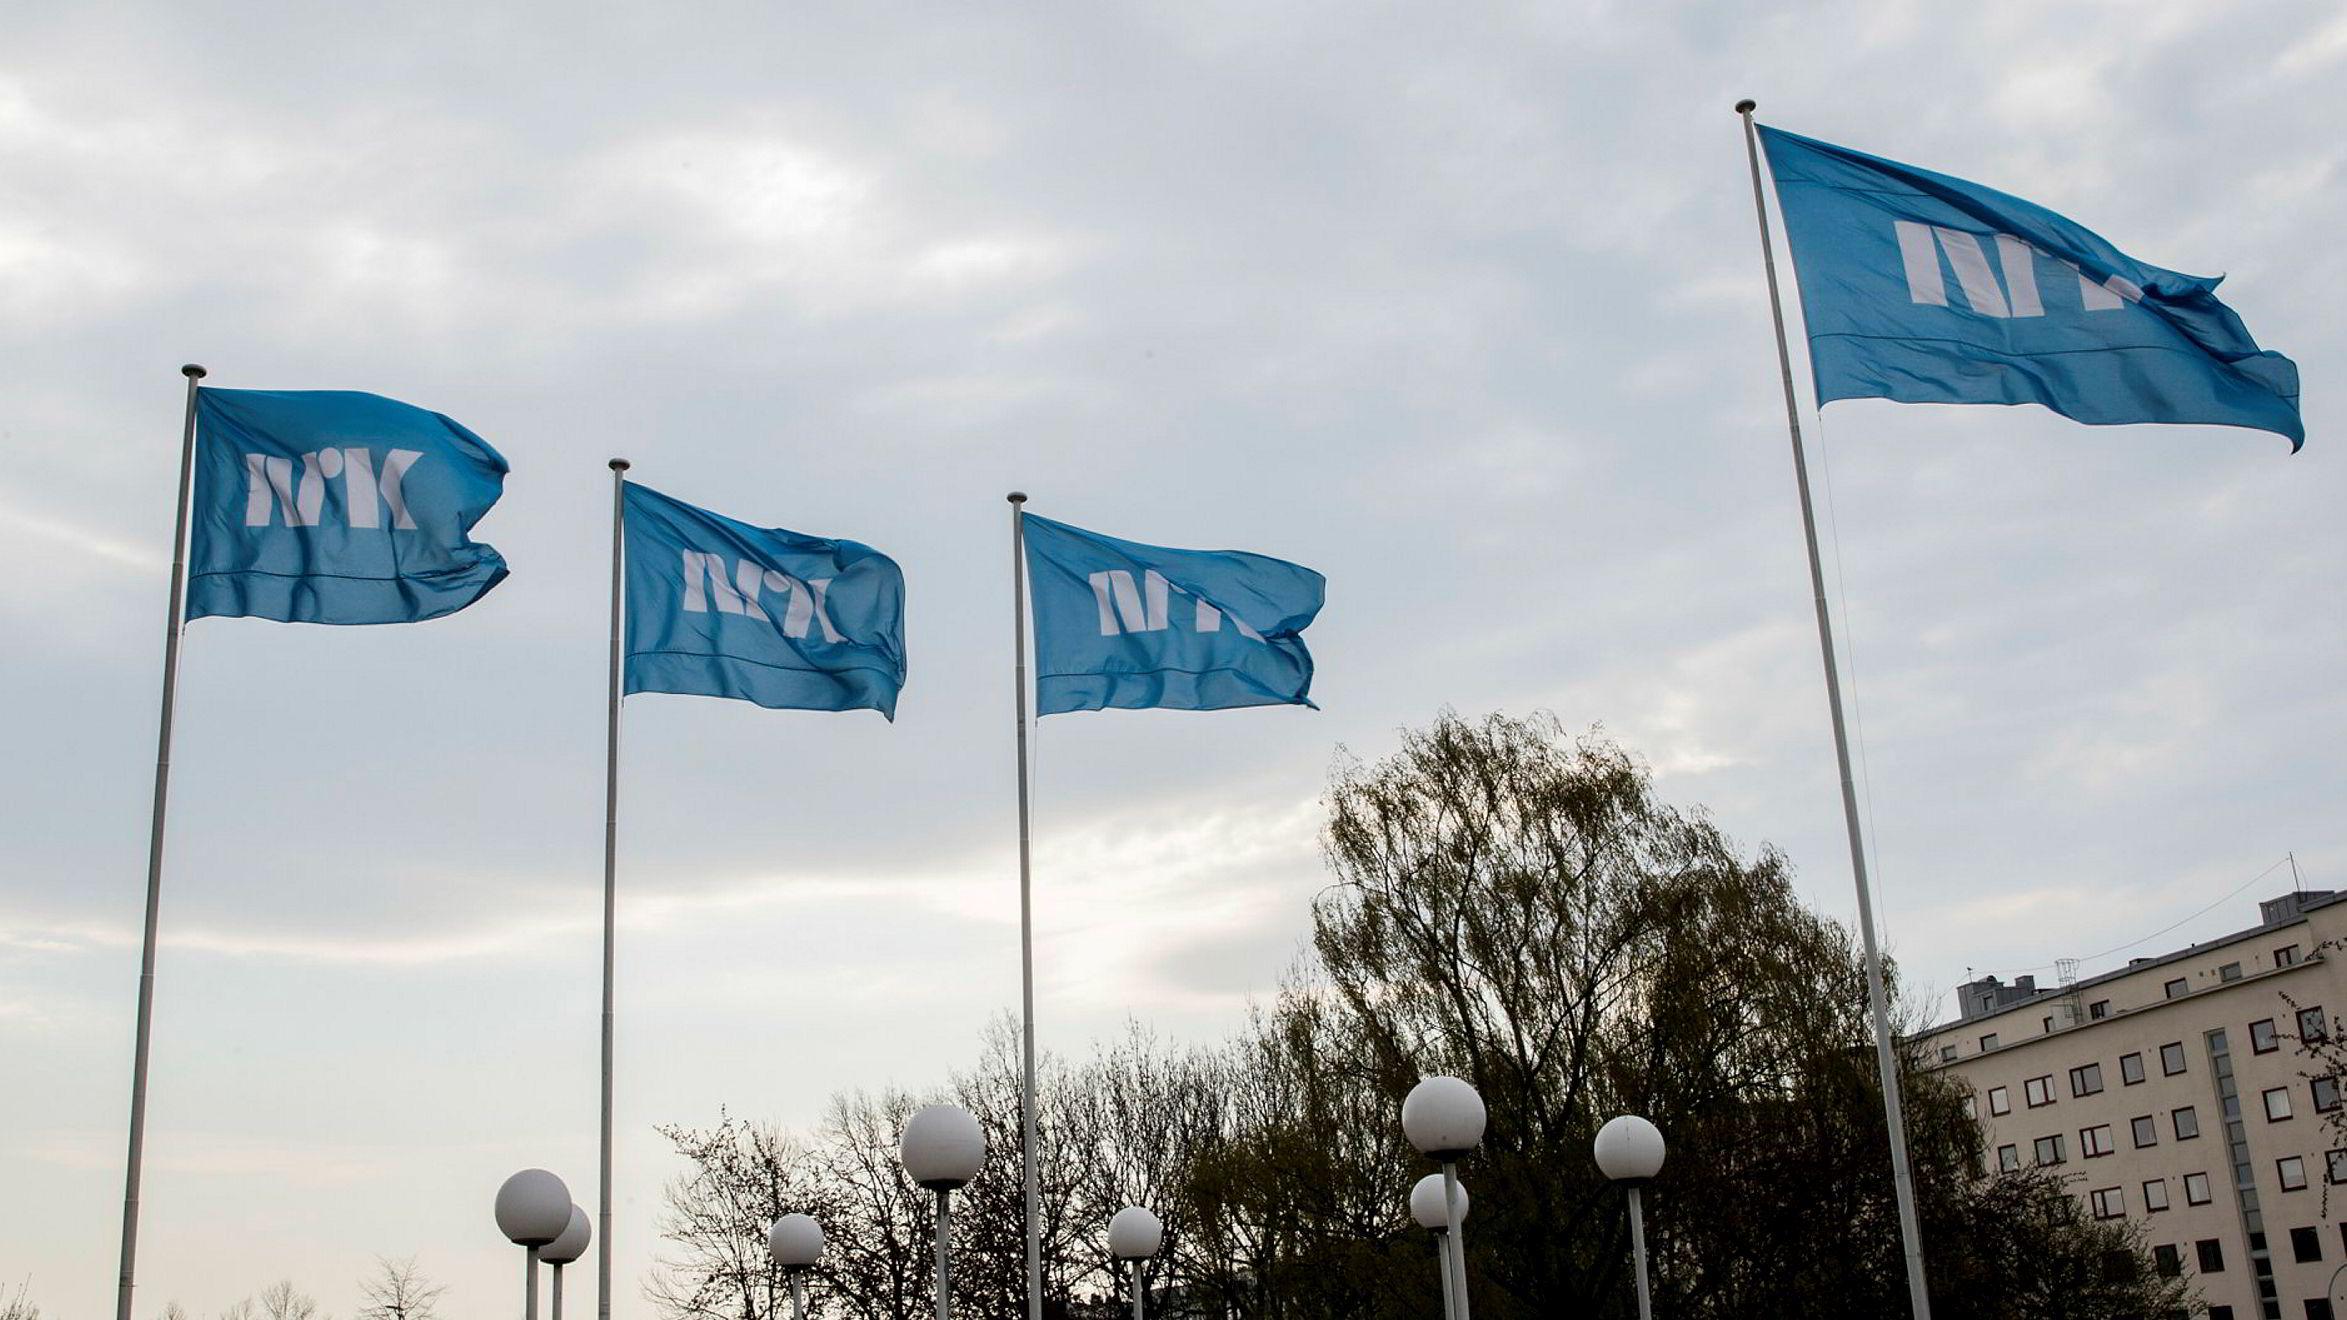 NRK-lisensen er blant avgiftene som forsvinner. Foto: Vidar Ruud / NTB scanpix